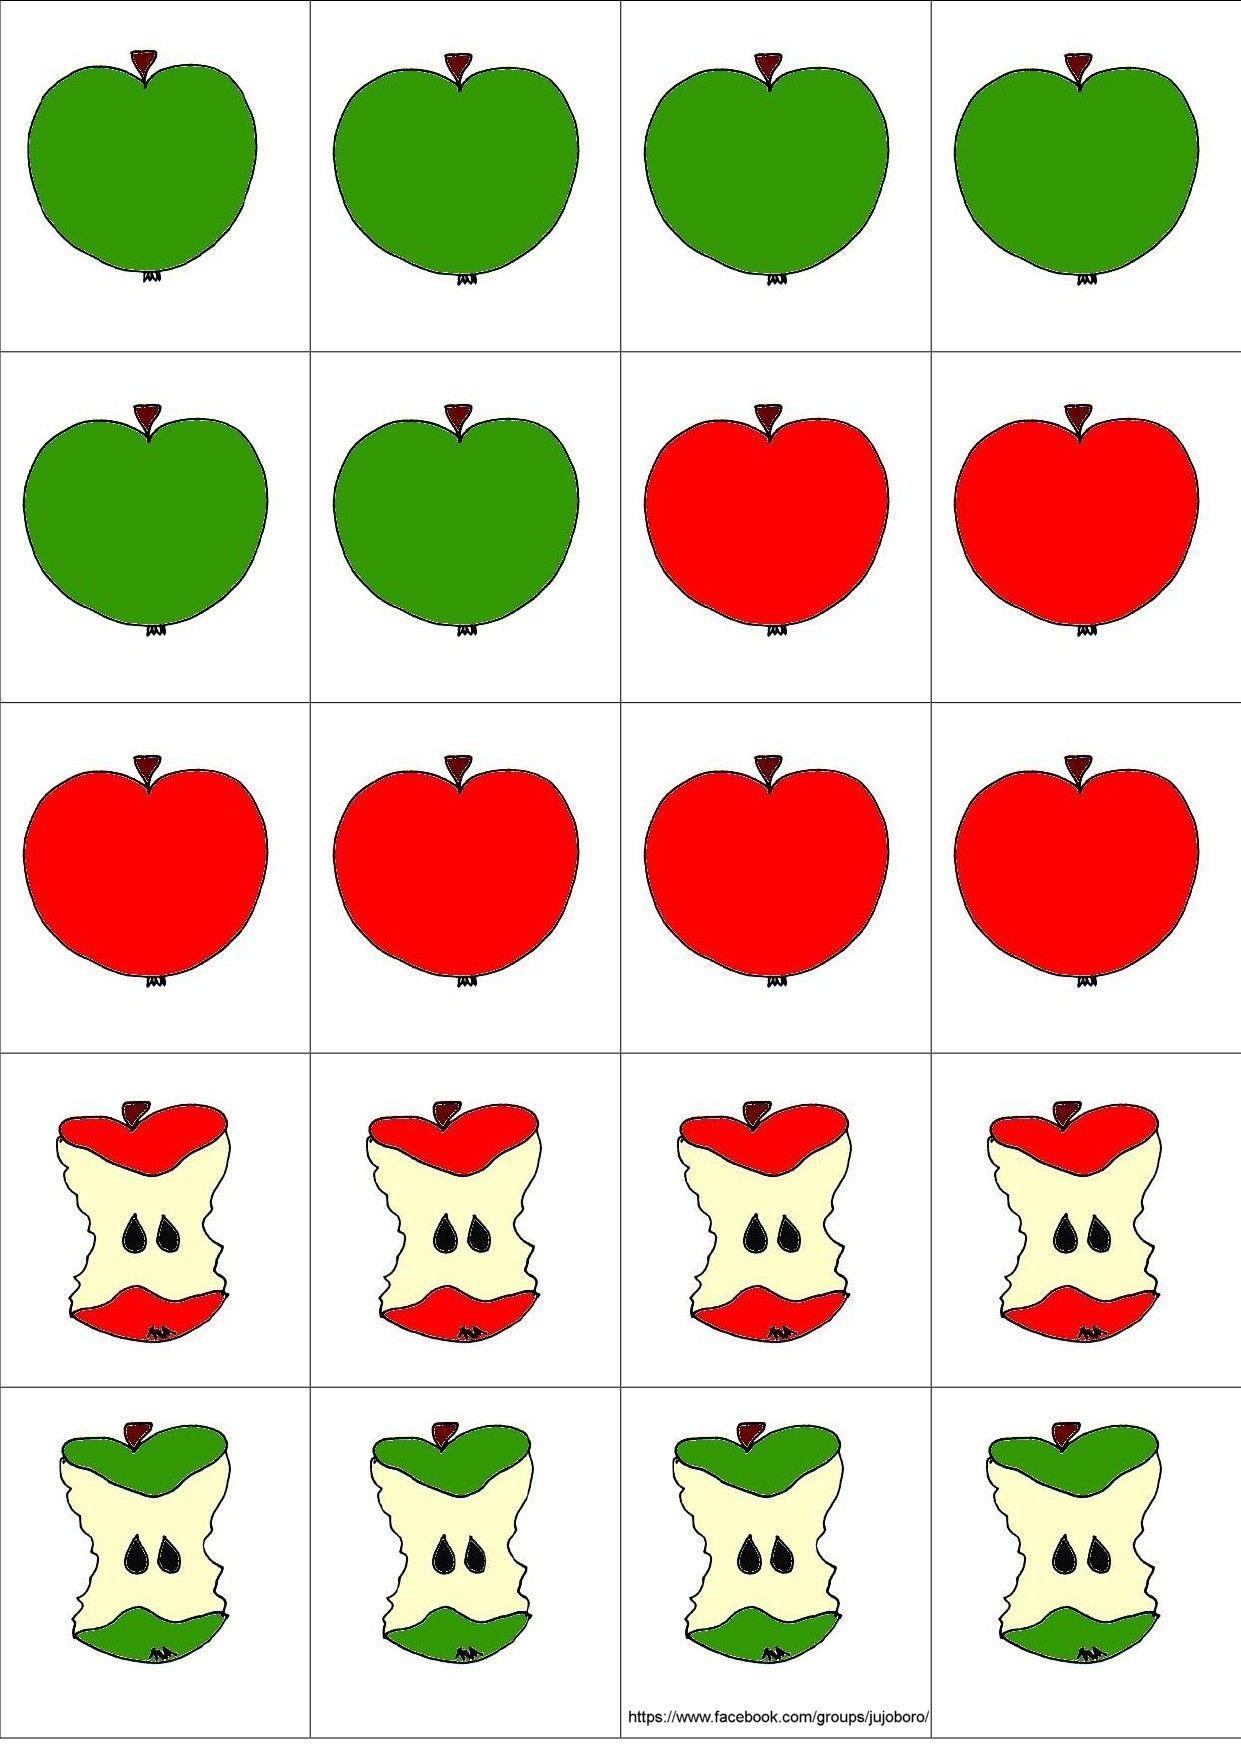 Pin By Jujoboro On Matematika